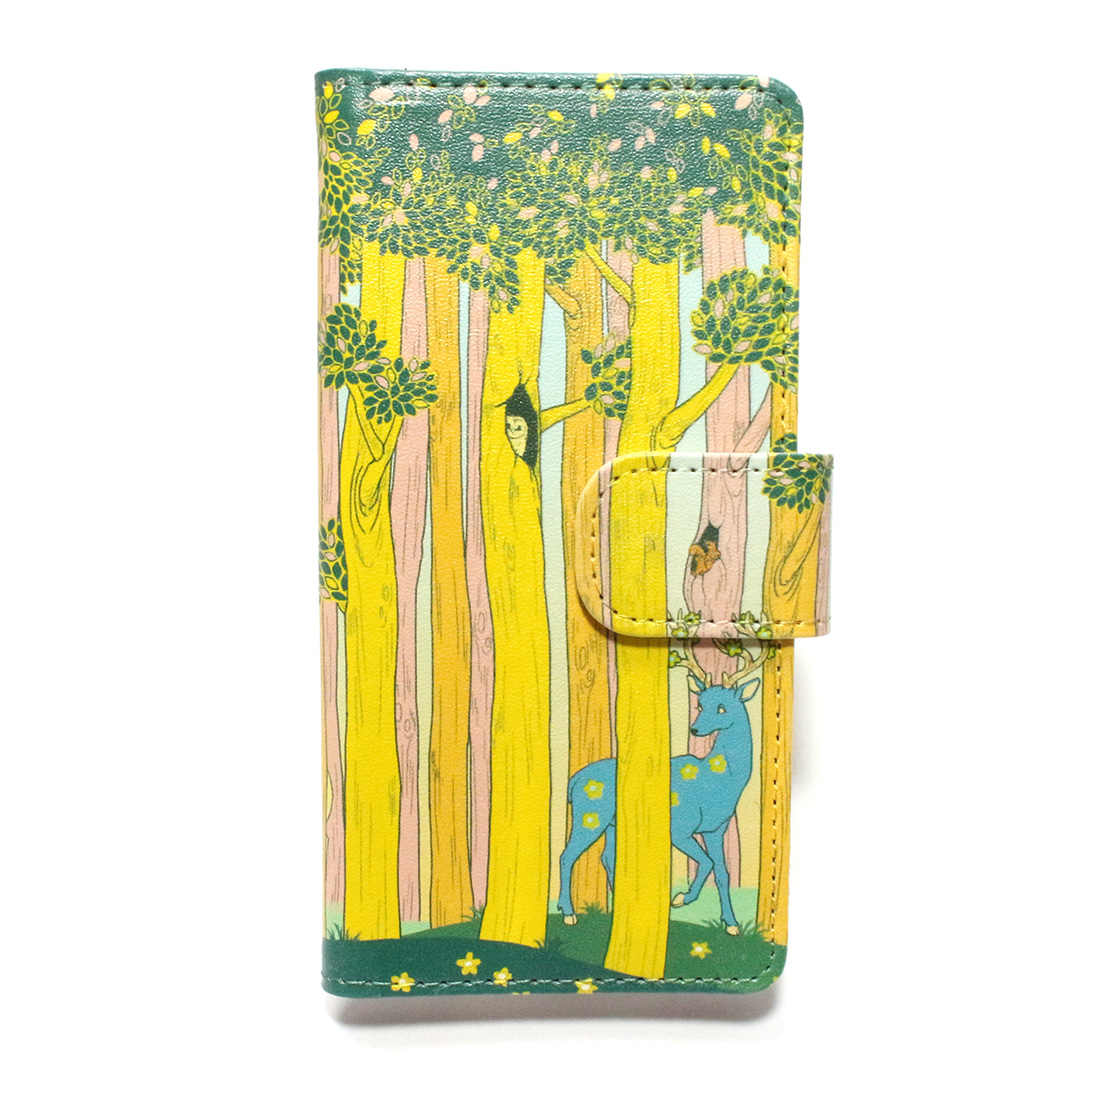 【11月誕生色モチーフ】春の森 / スマートフォンケース(iPhone6,iPhone7,iPhone8兼用)